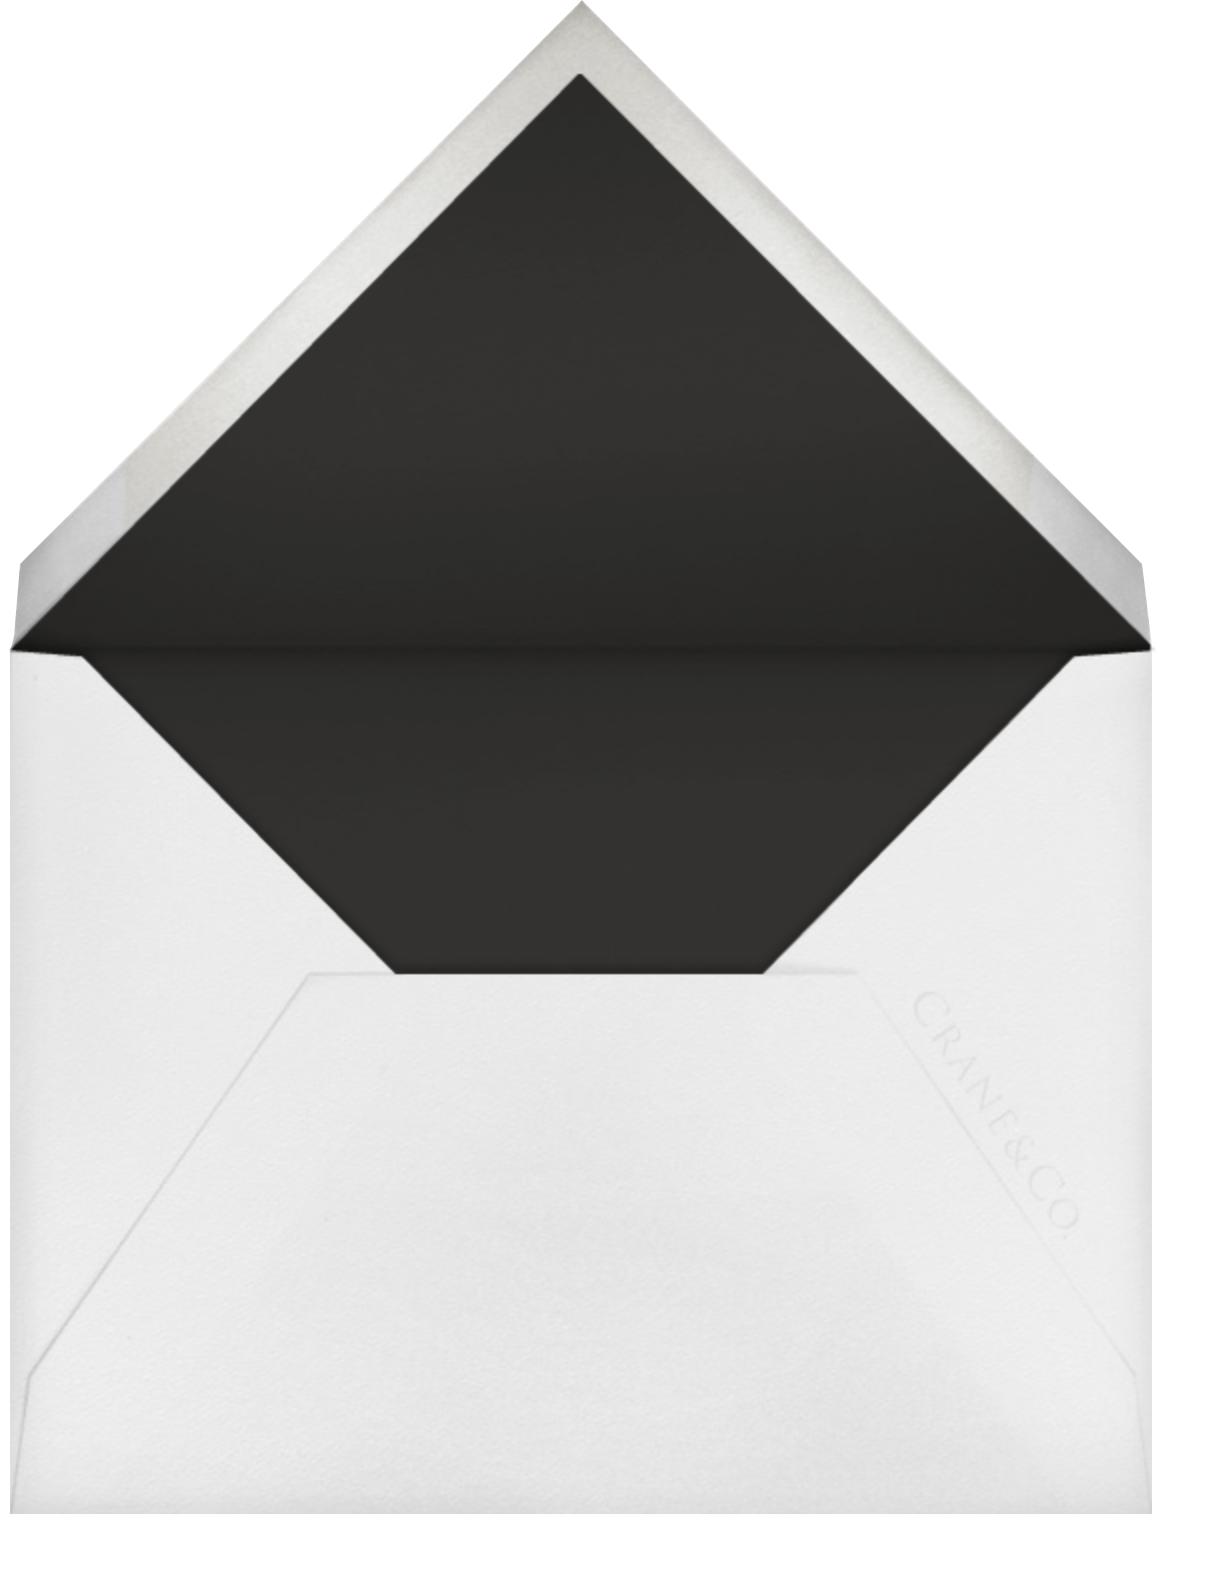 Polka Dot (Horizontal) - Black - Oscar de la Renta - Envelope